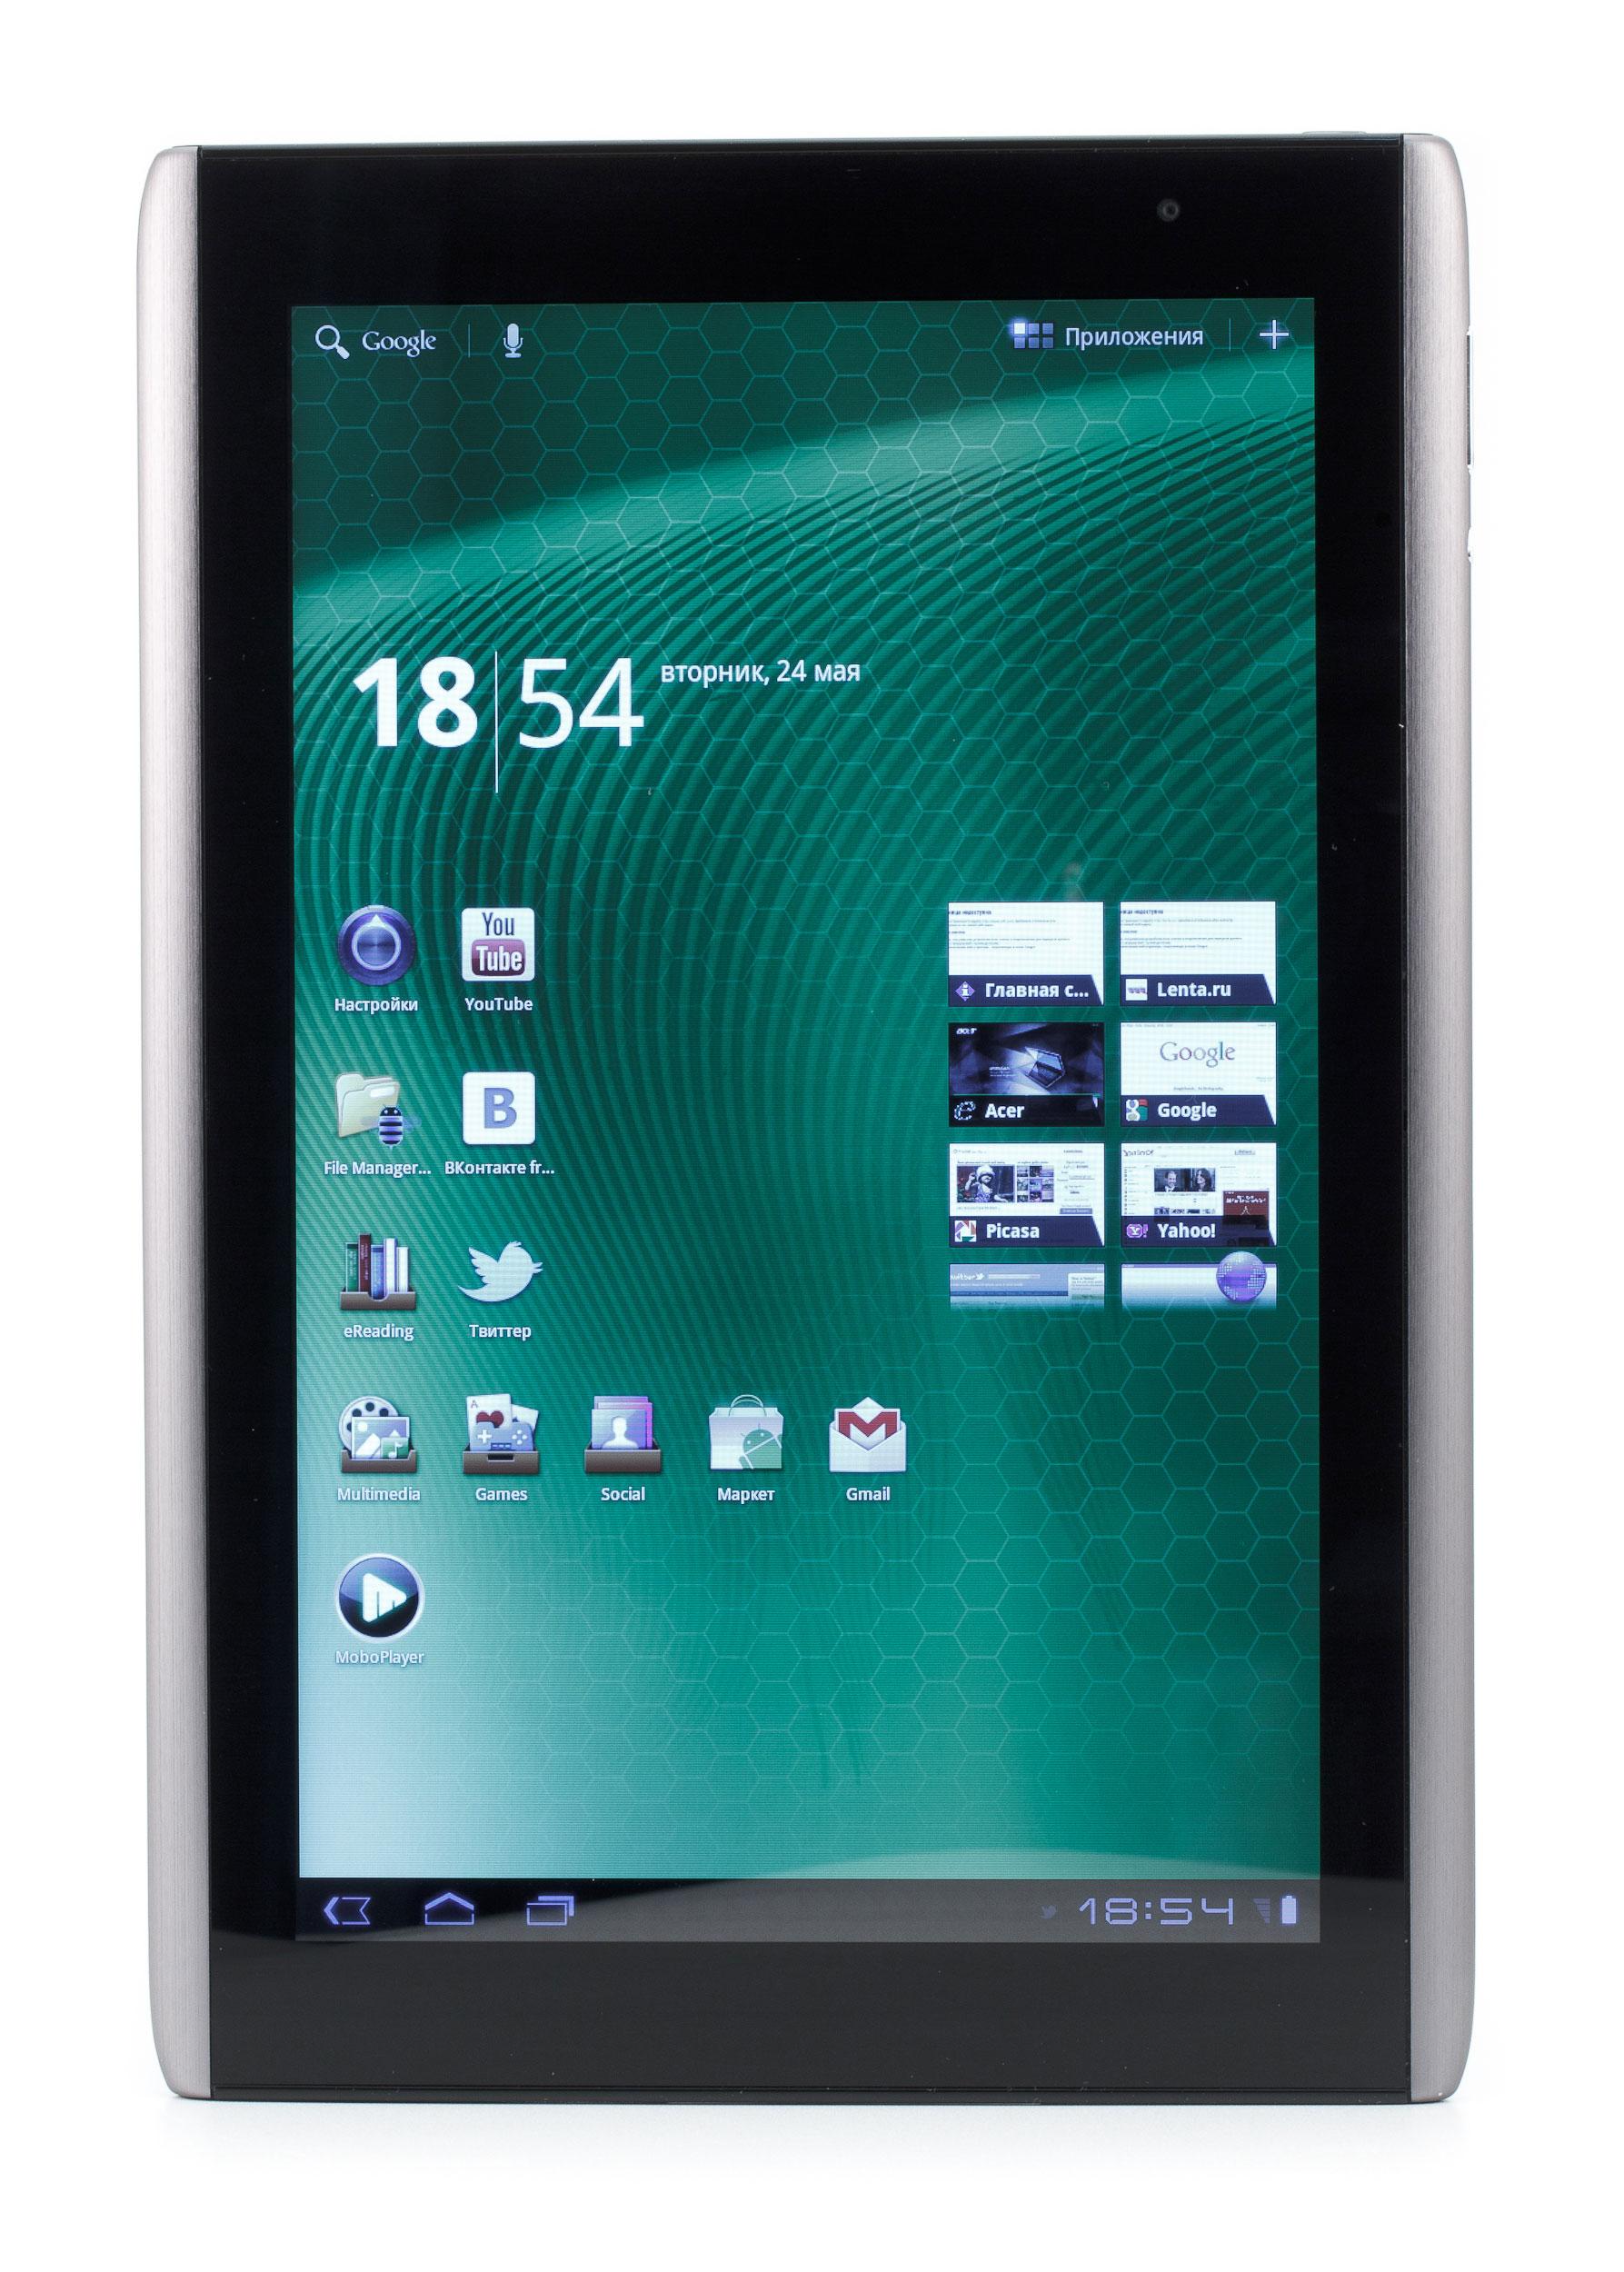 Внешне Acer Iconia Tab A500 производит очень приятное впечатление.  Наконец-то производители планшетов поняли...